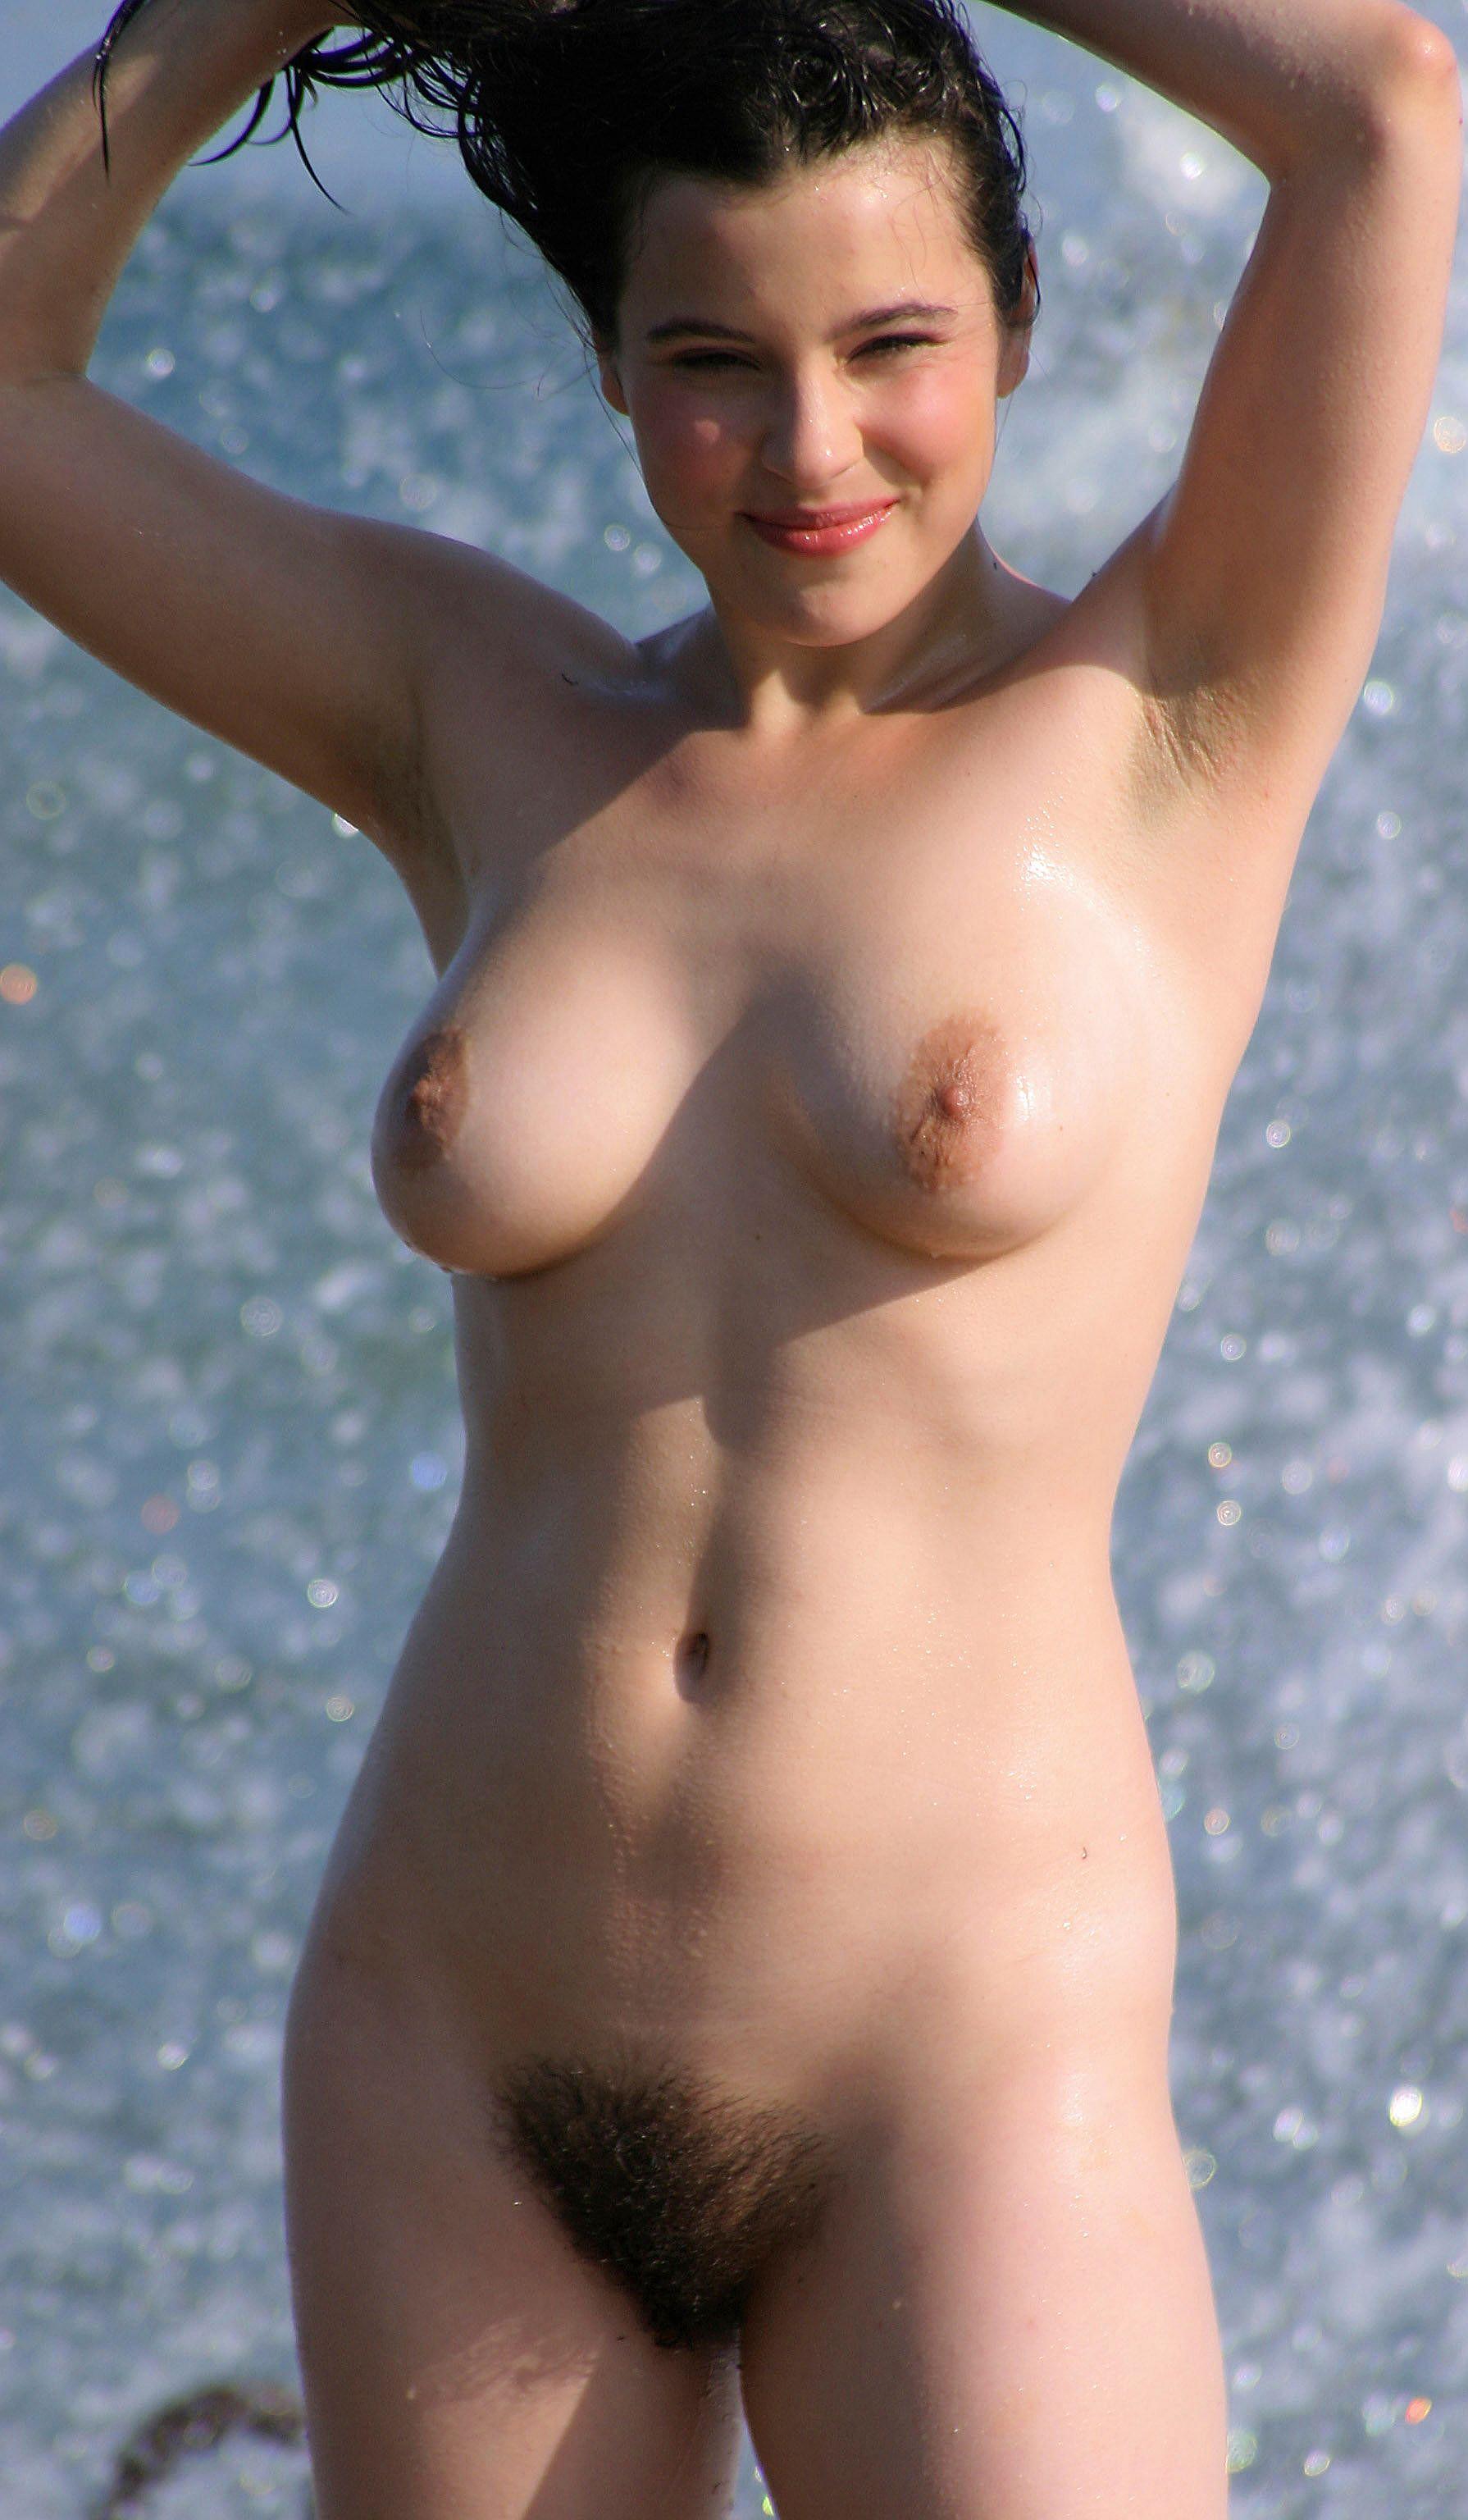 Голые нудисты на пляже без стыда и совести занимаются ...